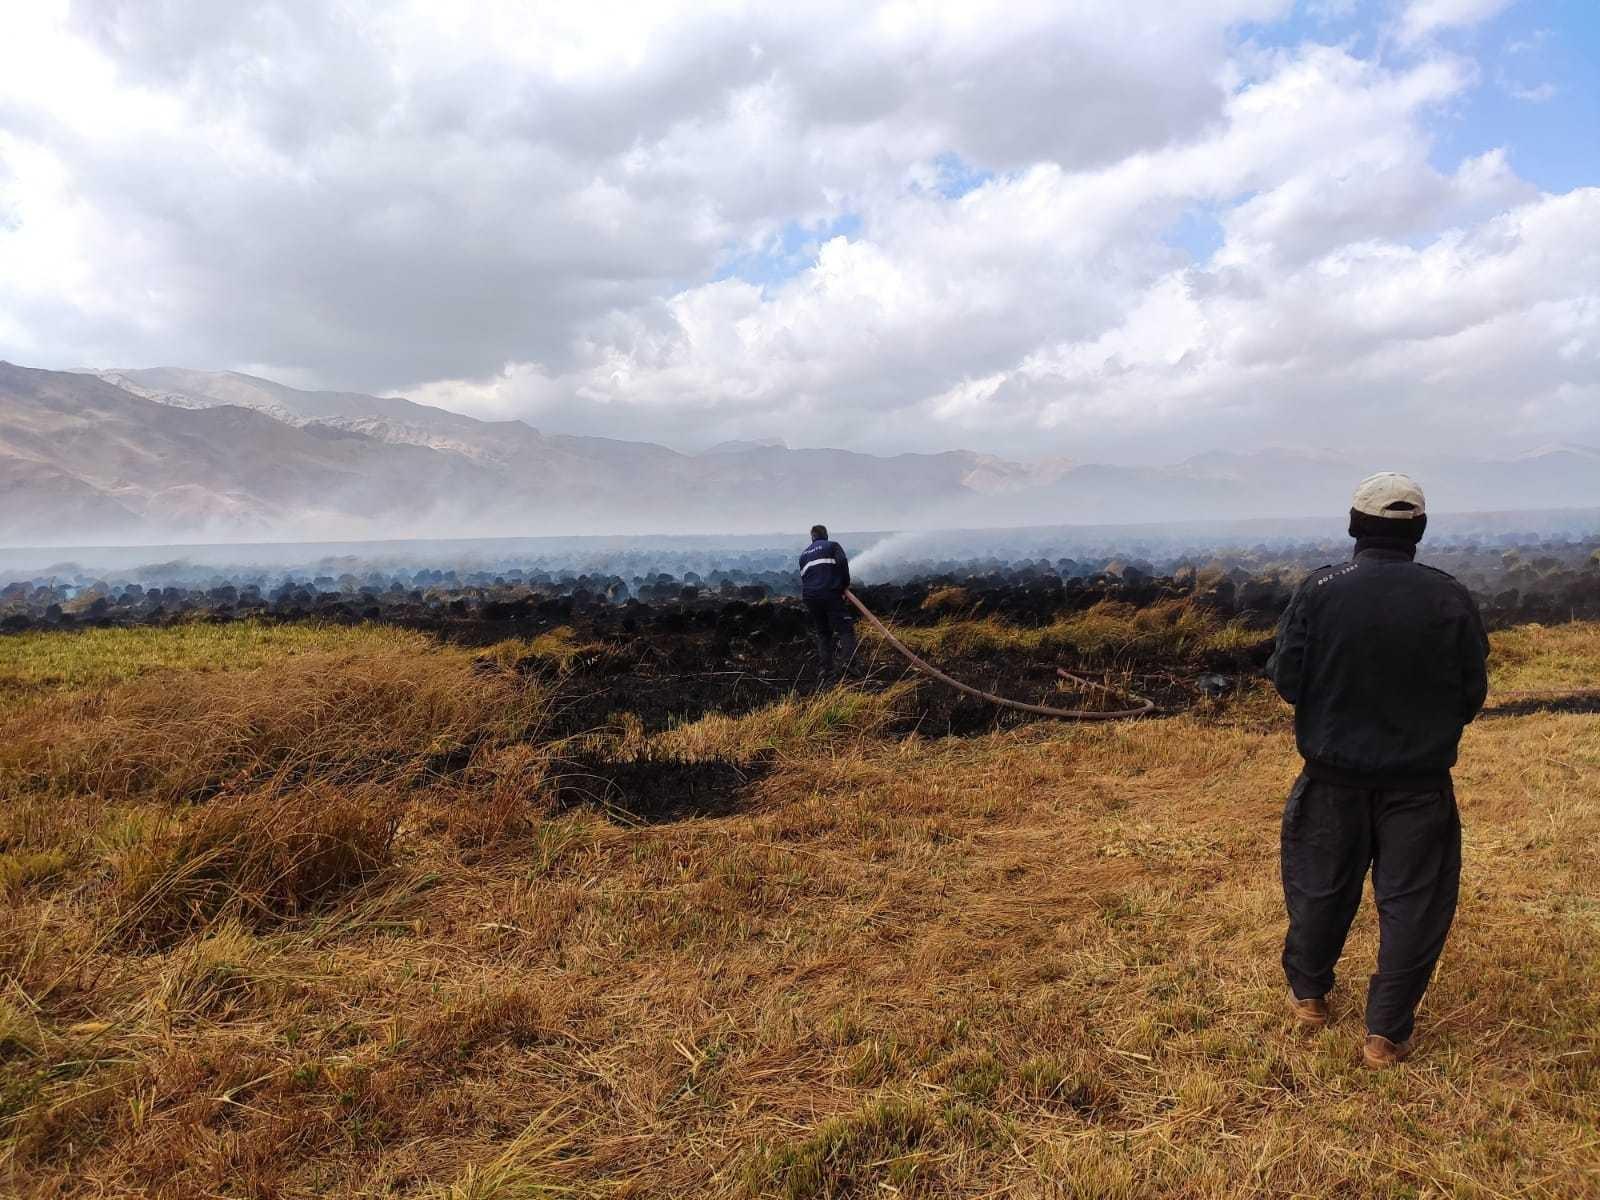 Kuş cennetindeki yangını söndürme çalışmaları devam ediyor #hakkari